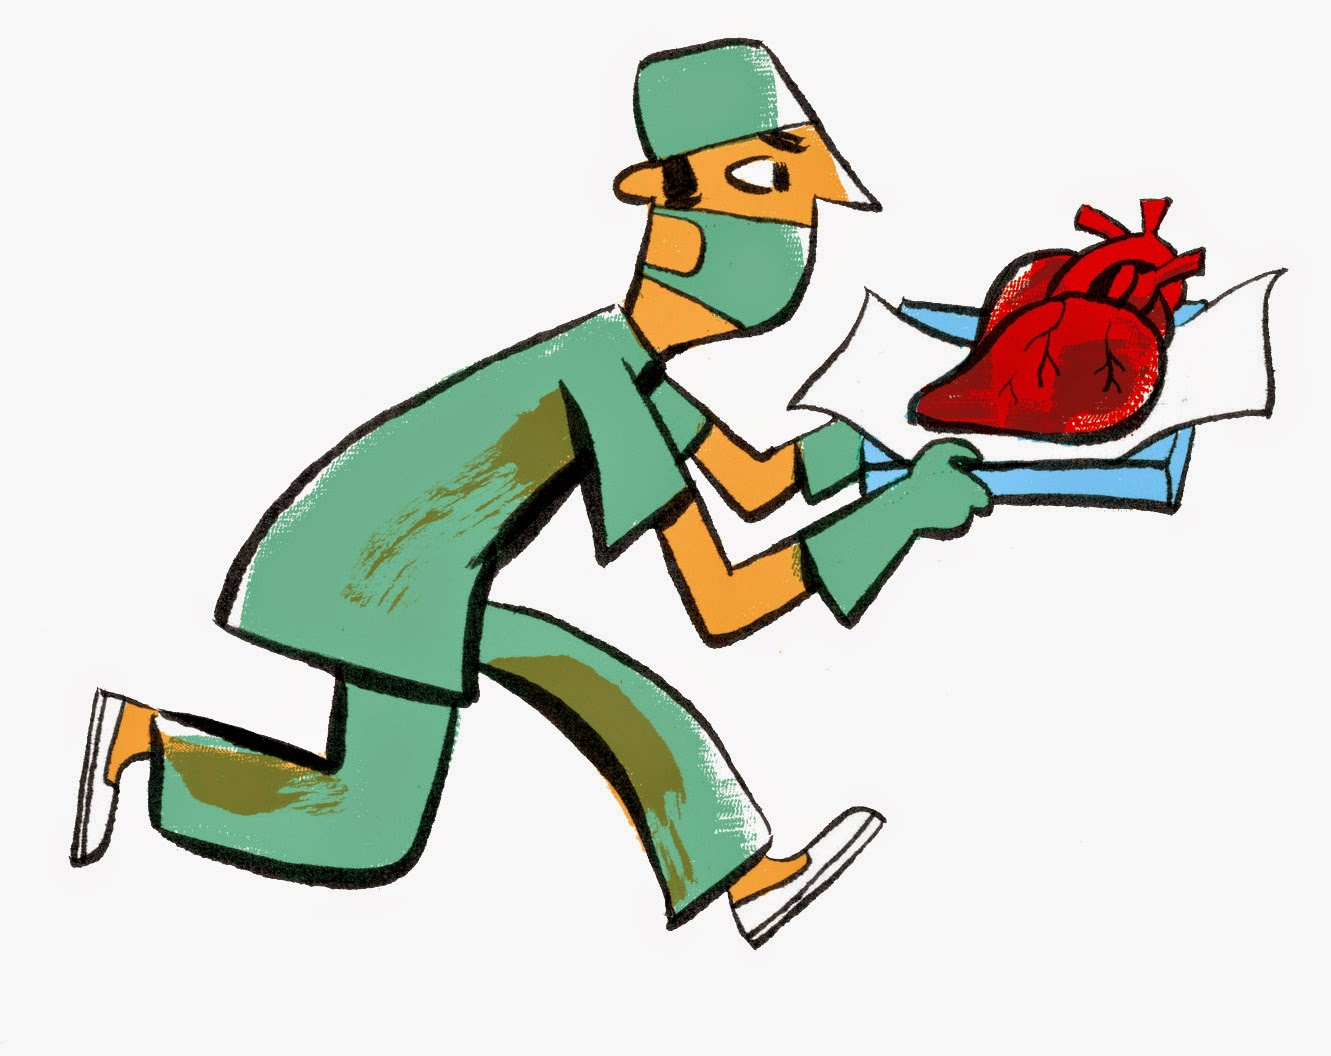 Page enfant : Une journée pour réfléchir au don d'organes et à la greffe